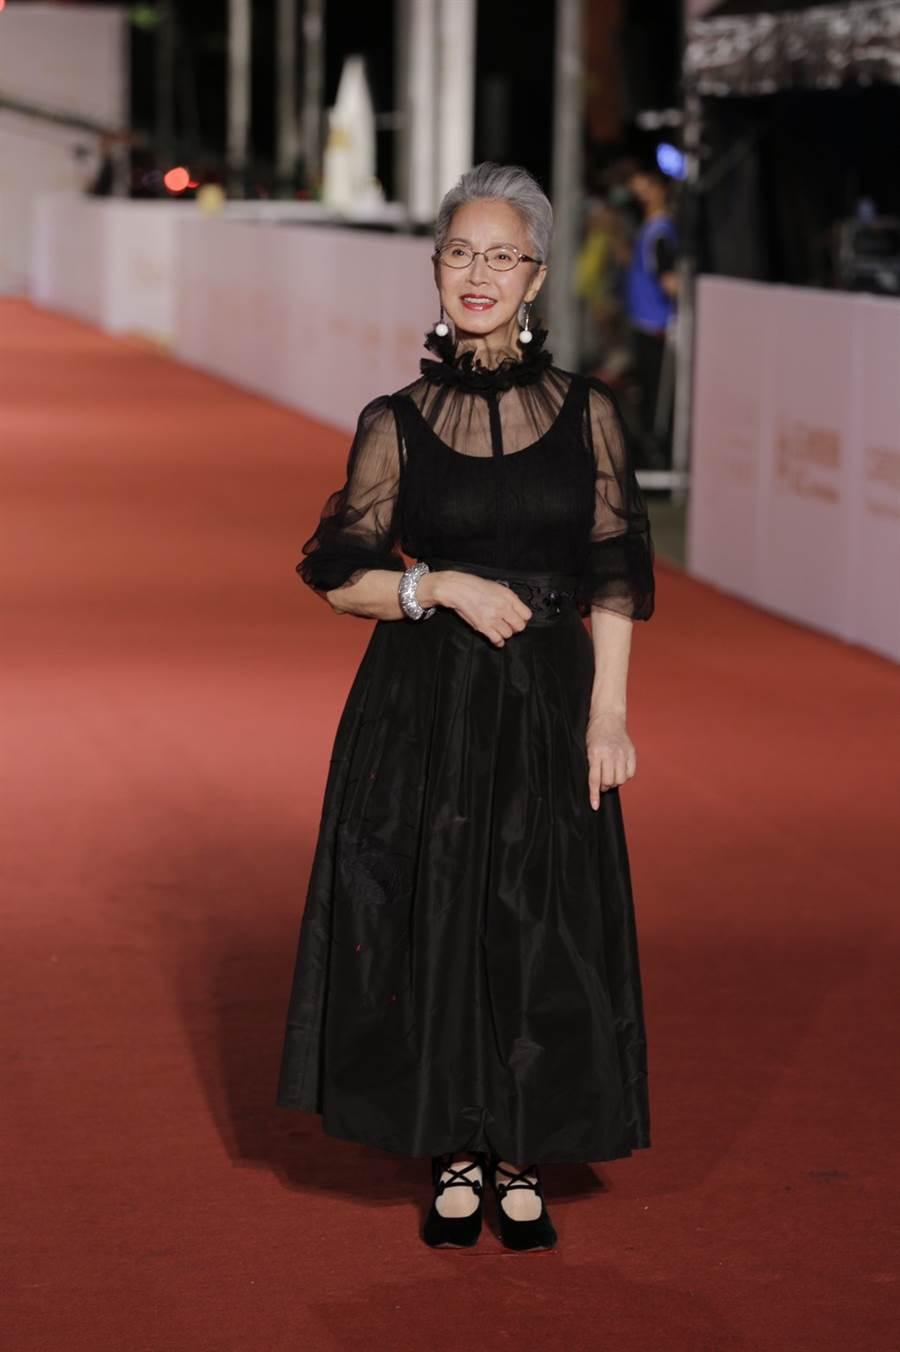 李璇的黑禮服十分時髦美麗。(圖/廖映翔攝)